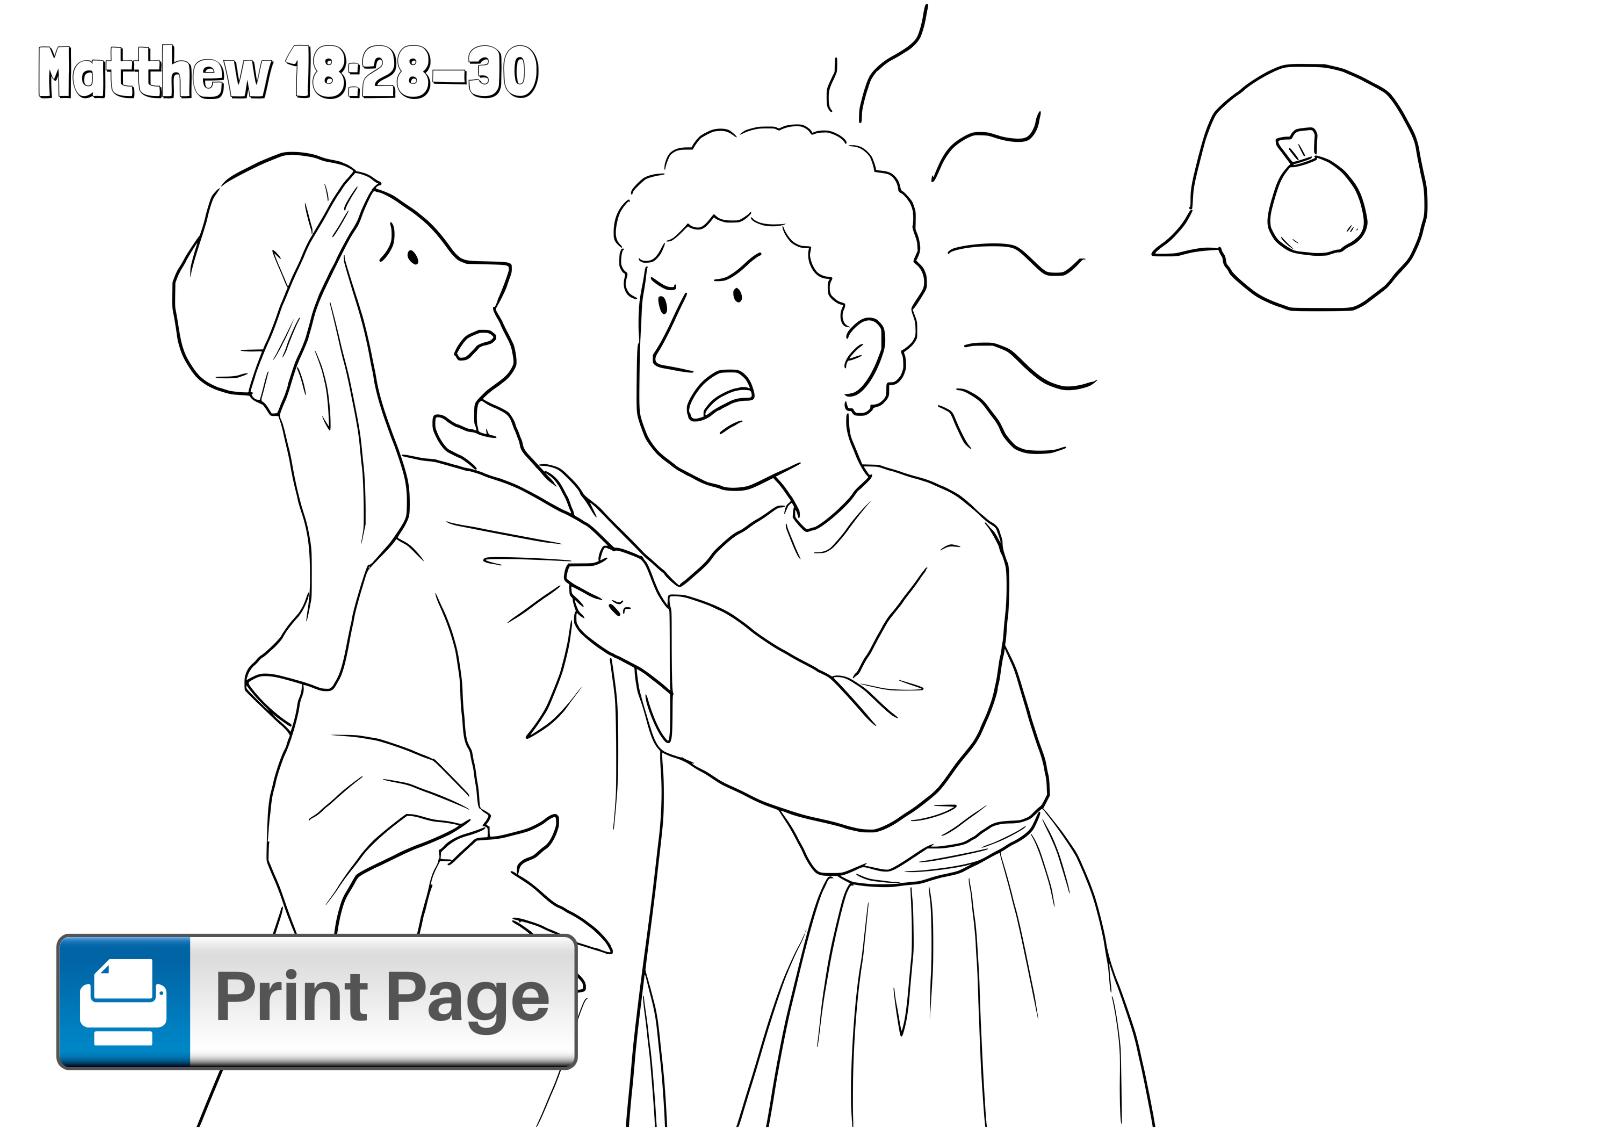 The Unforgiving Servant Parable Coloring Page